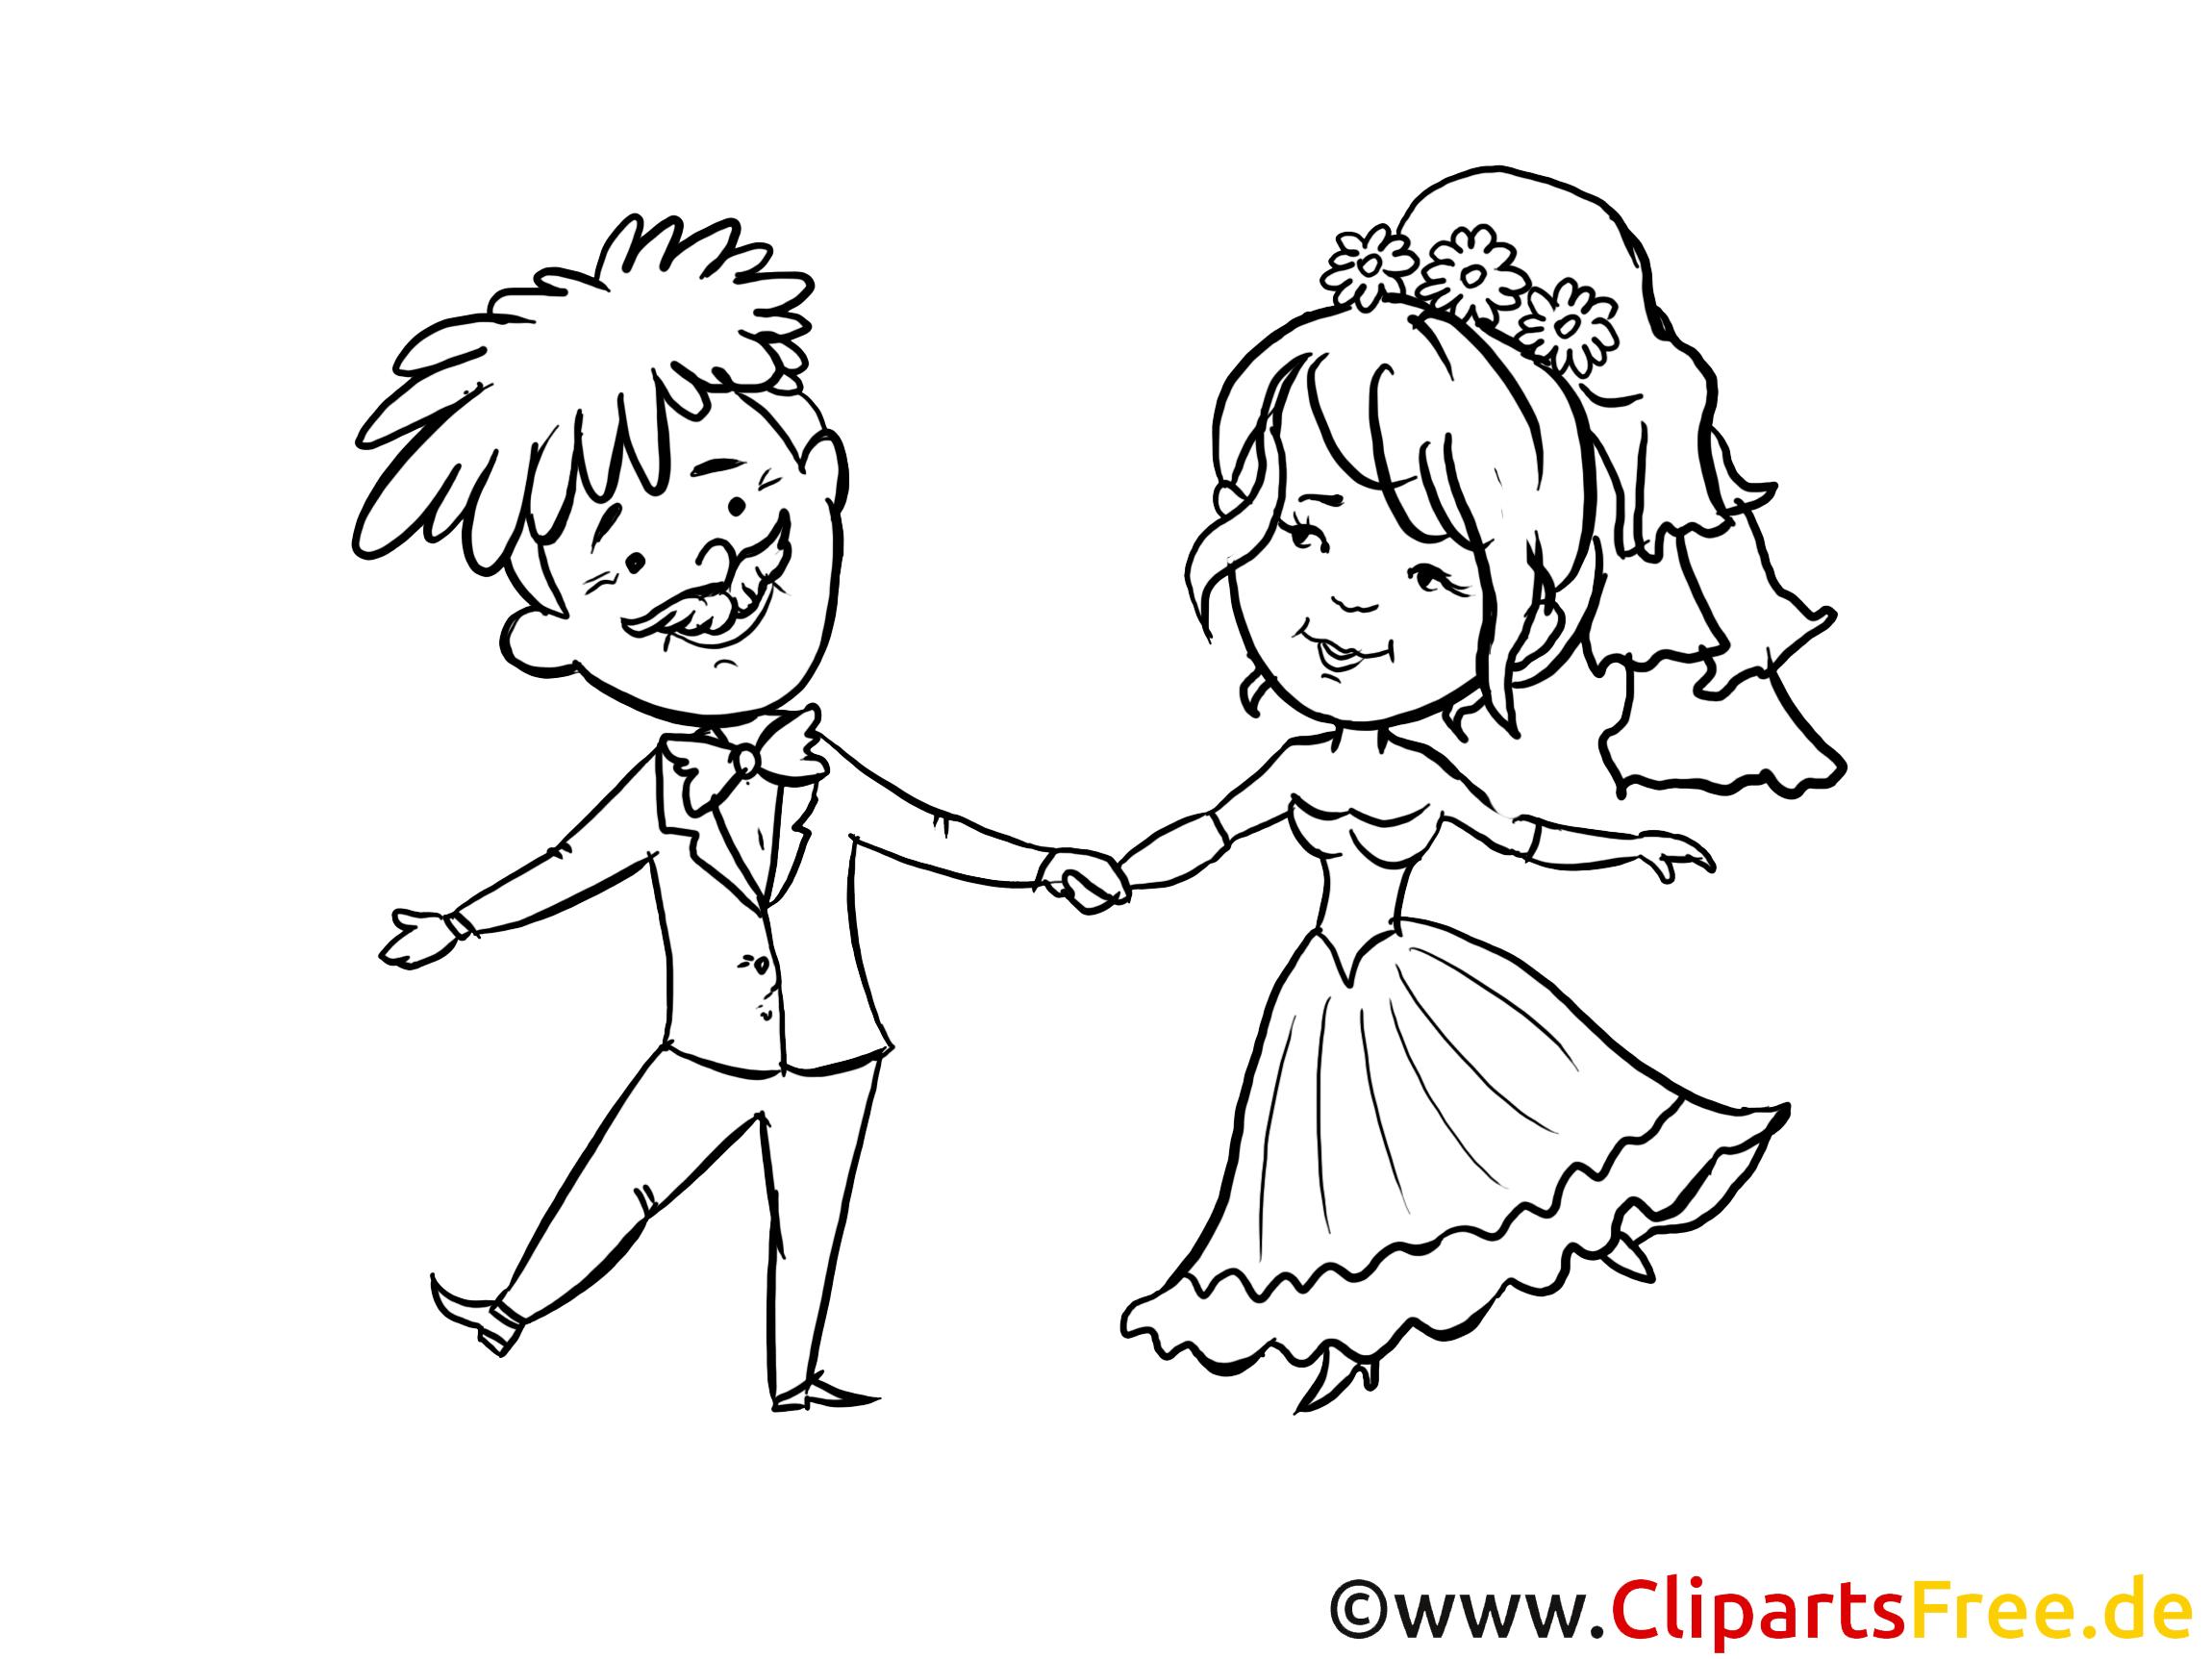 Zeichnung zum Ausmalen Hochzeit, Brautpaar, glückliche Verliebte